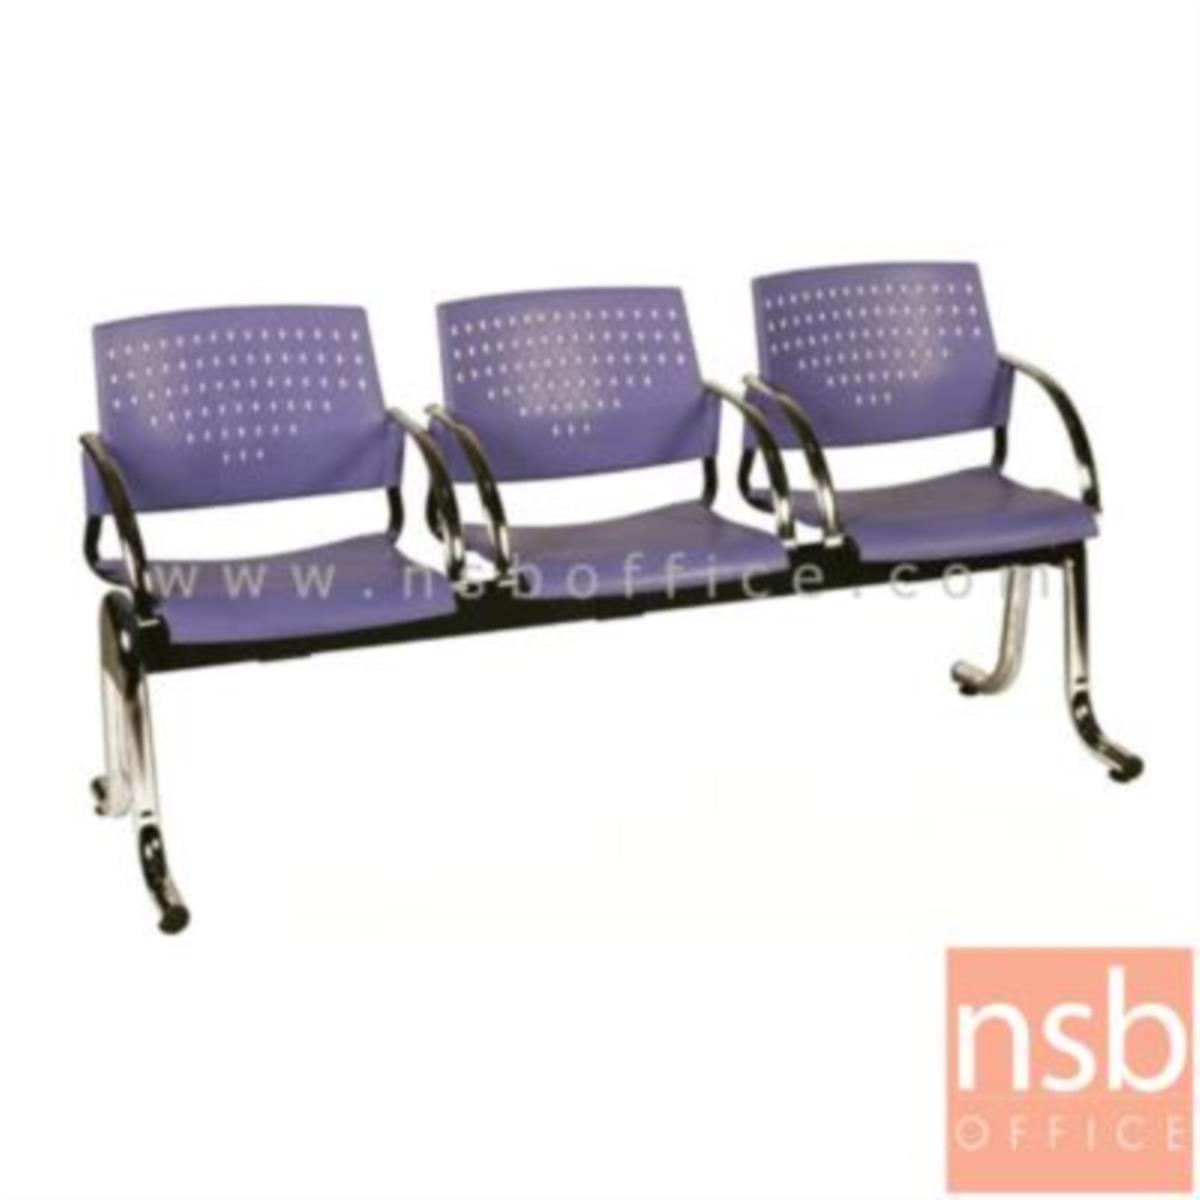 B06A050:เก้าอี้นั่งคอยเฟรมโพลี่ รุ่น B126 2 ,3 ,4 ที่นั่ง ขนาด 105W ,164W ,215W cm. ขาเหล็ก